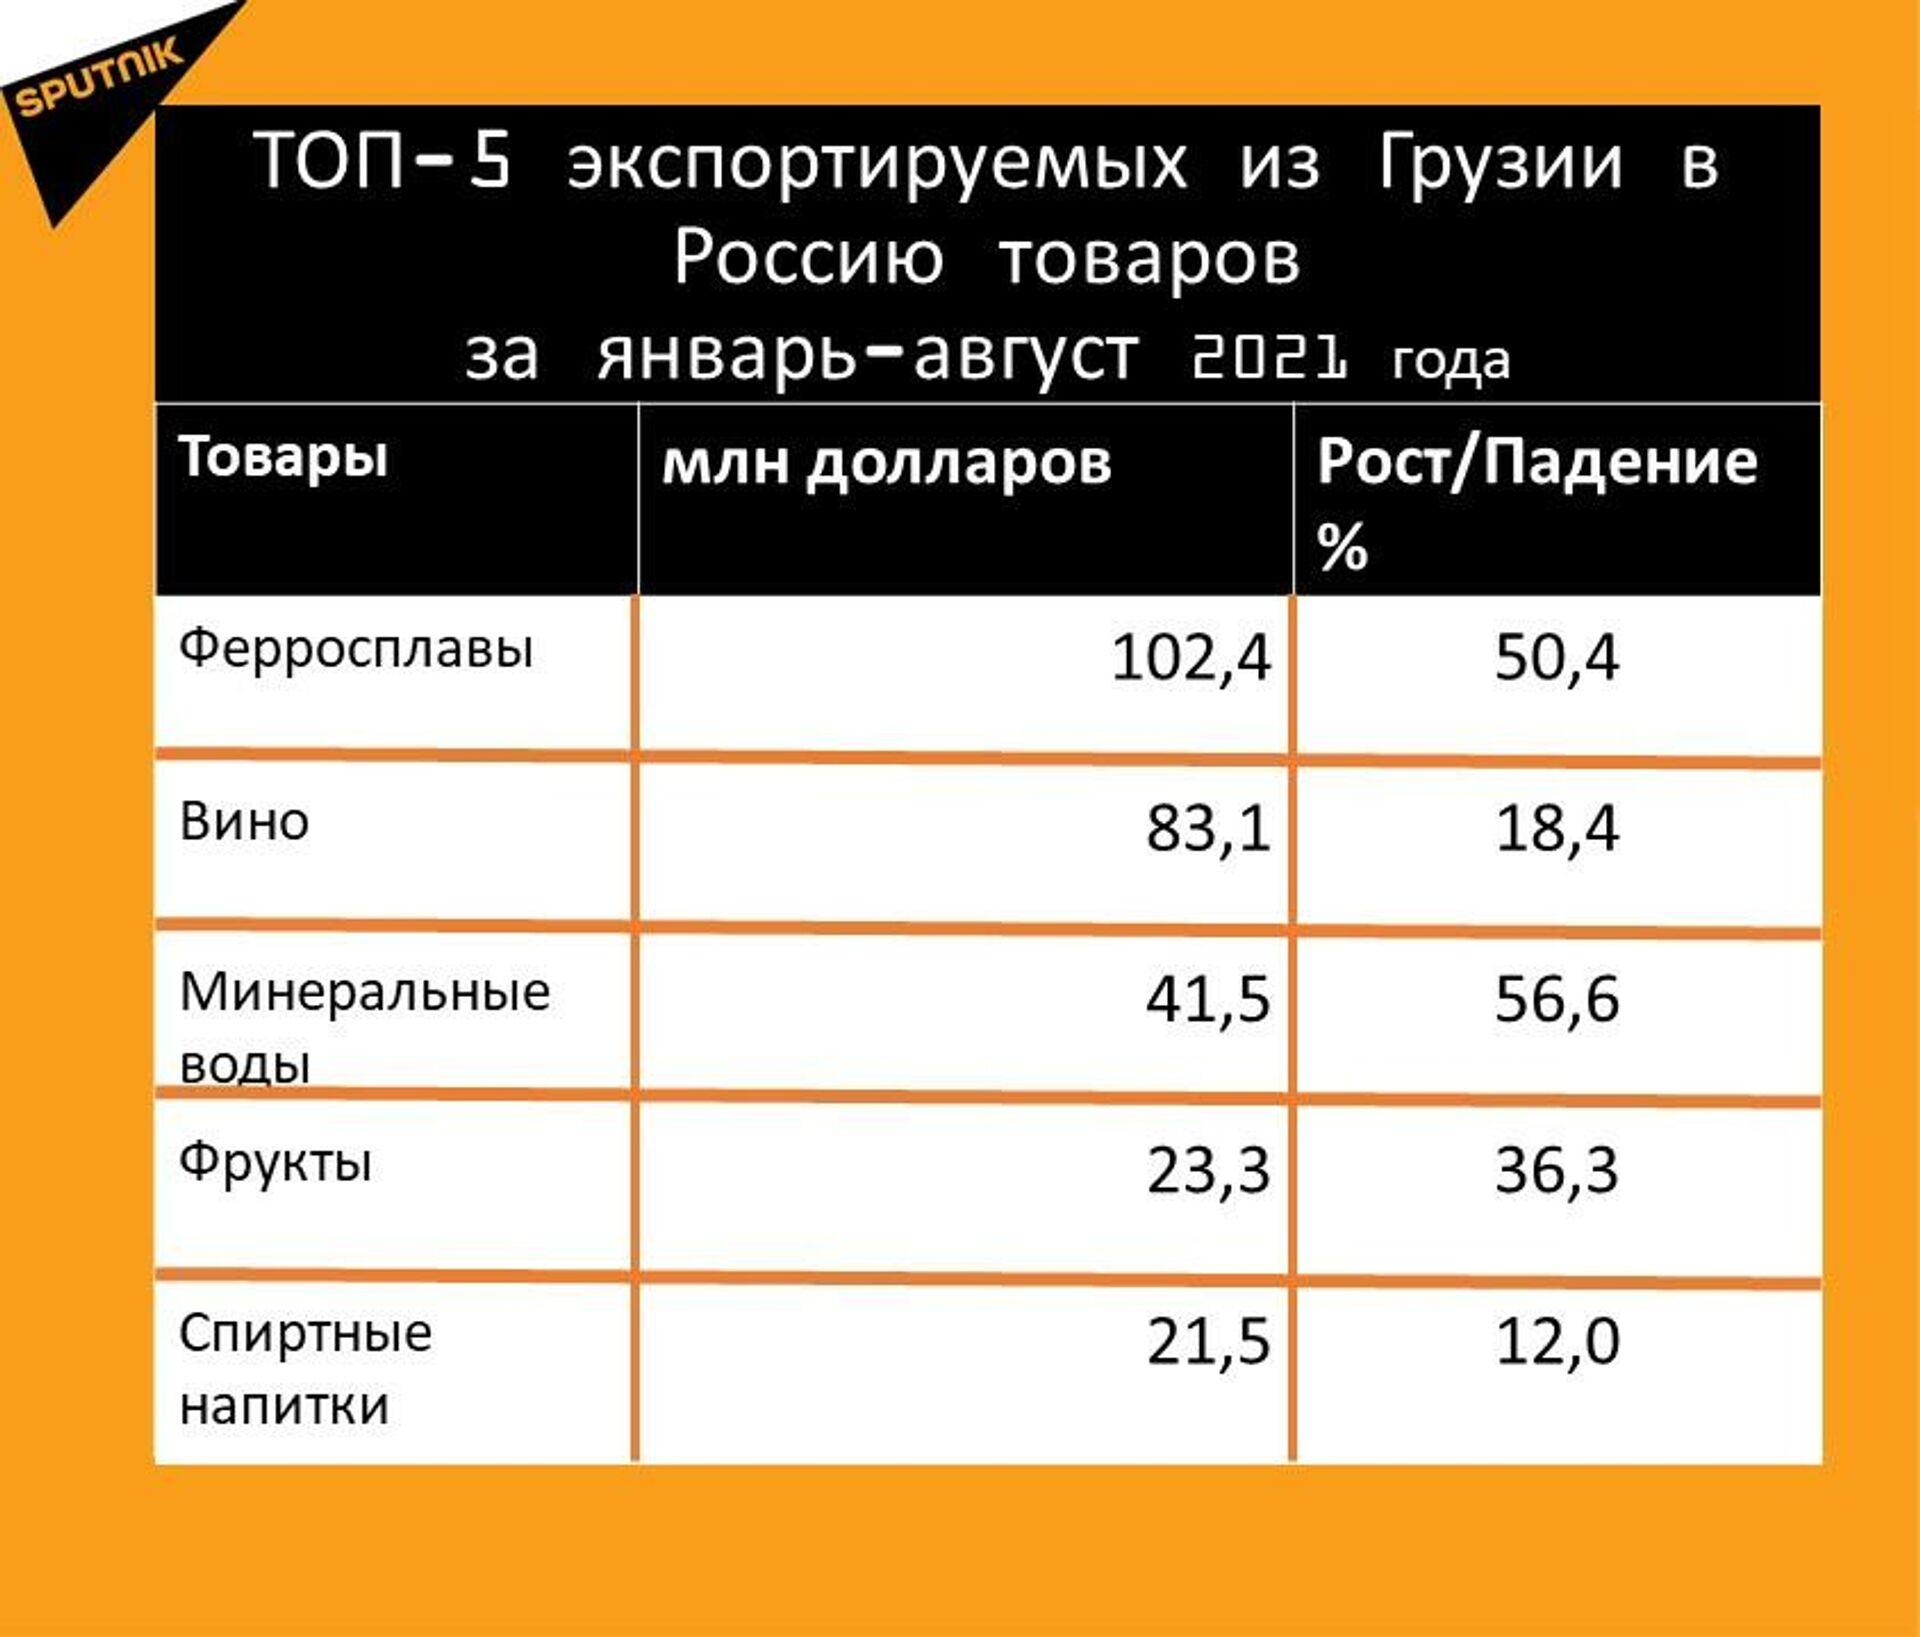 Статистика внешнеторгового оборота Грузии с Россией за январь-август 2021 года, экспорт - Sputnik Грузия, 1920, 28.09.2021